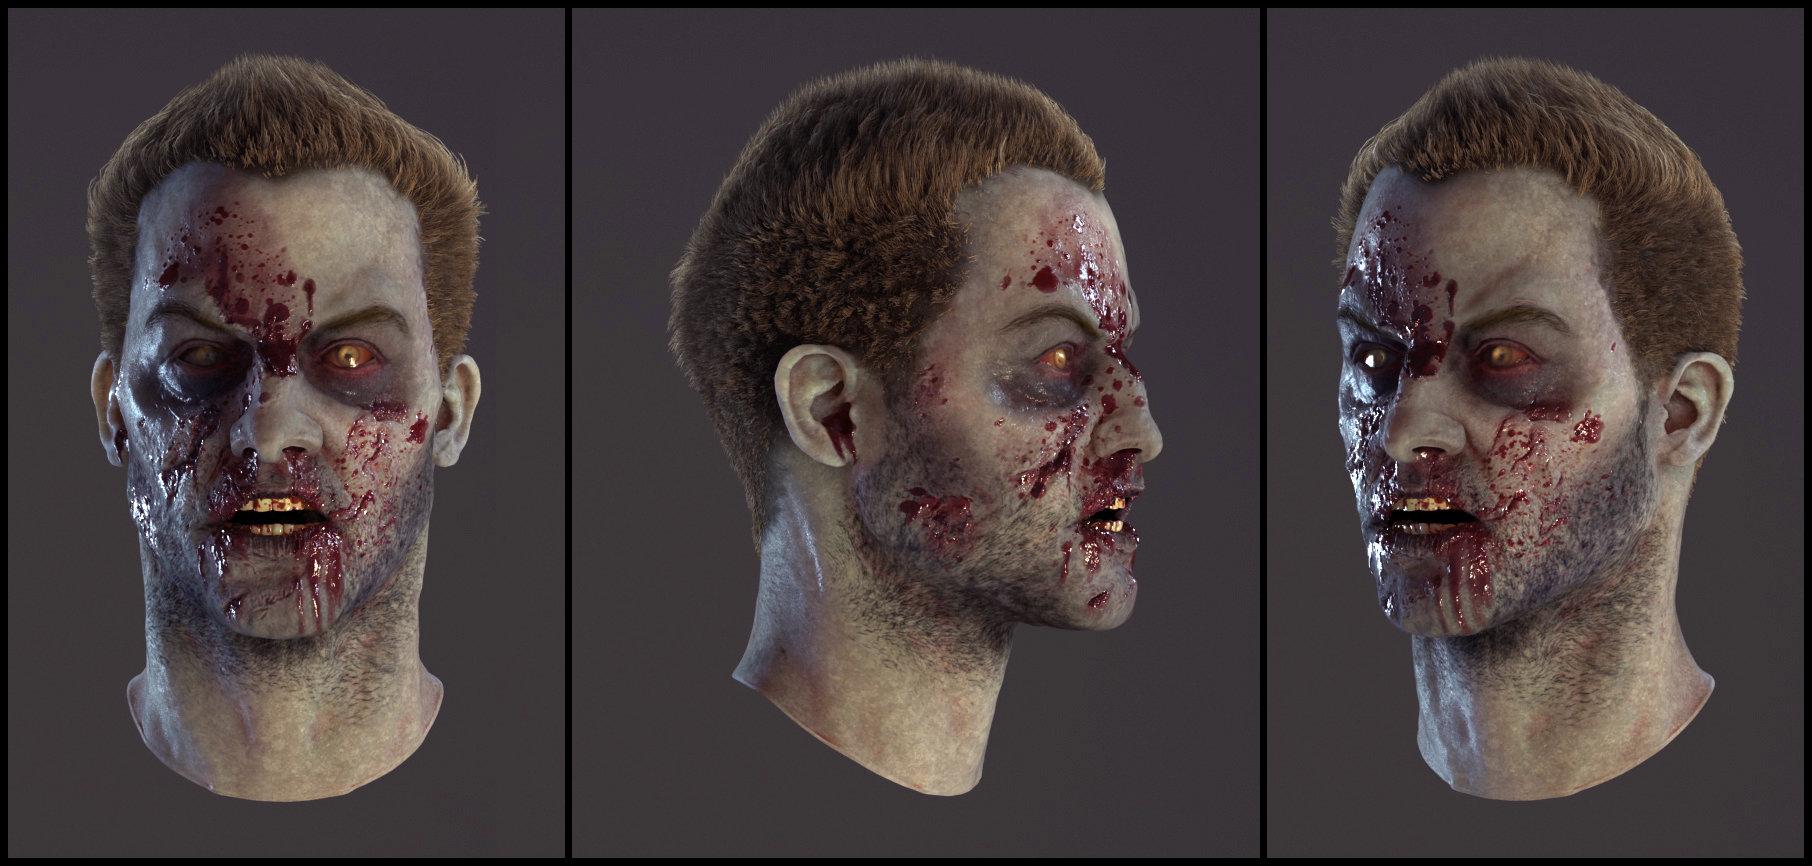 Zombiehead01b